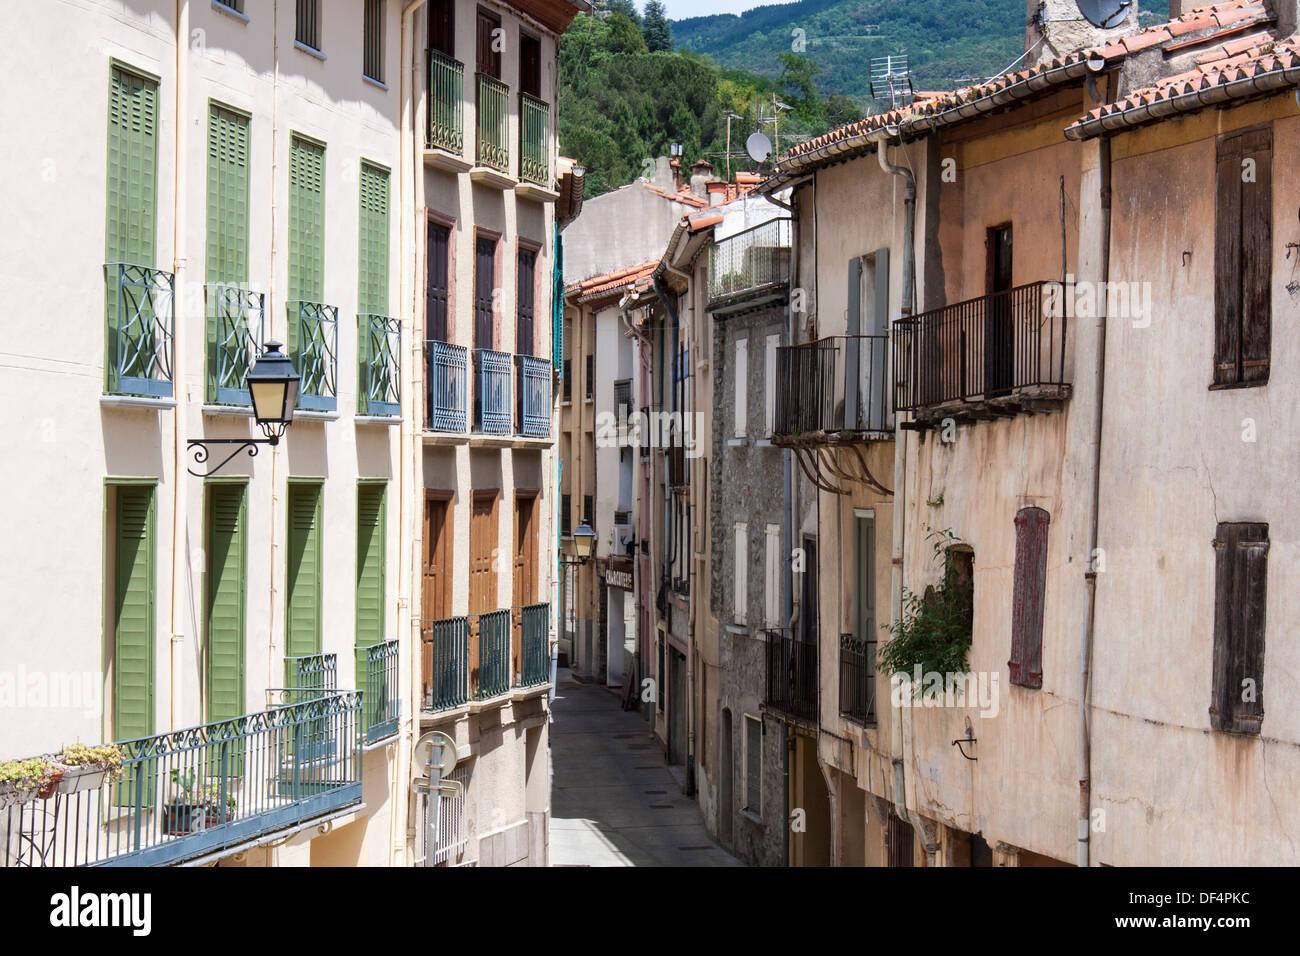 Multi-storey houses in narrow alleyway in Arles-sur-tech - Stock Image